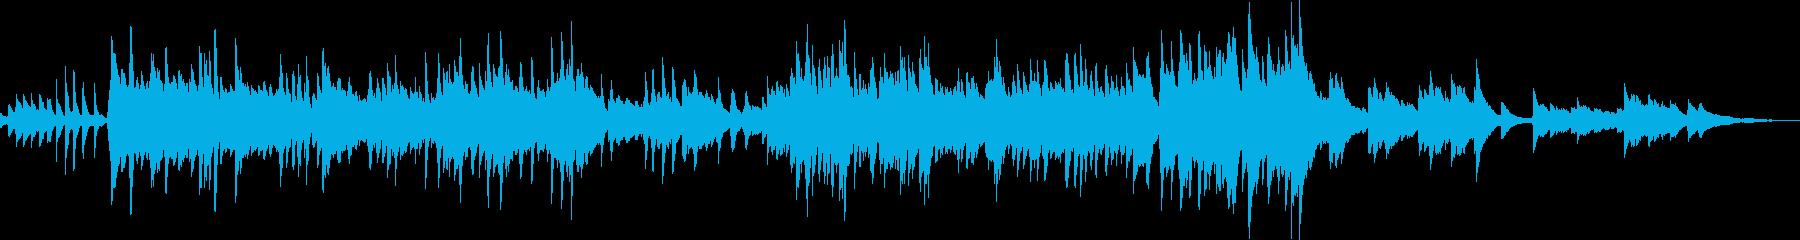 大人な雰囲気の悲劇的なピアノ曲の再生済みの波形